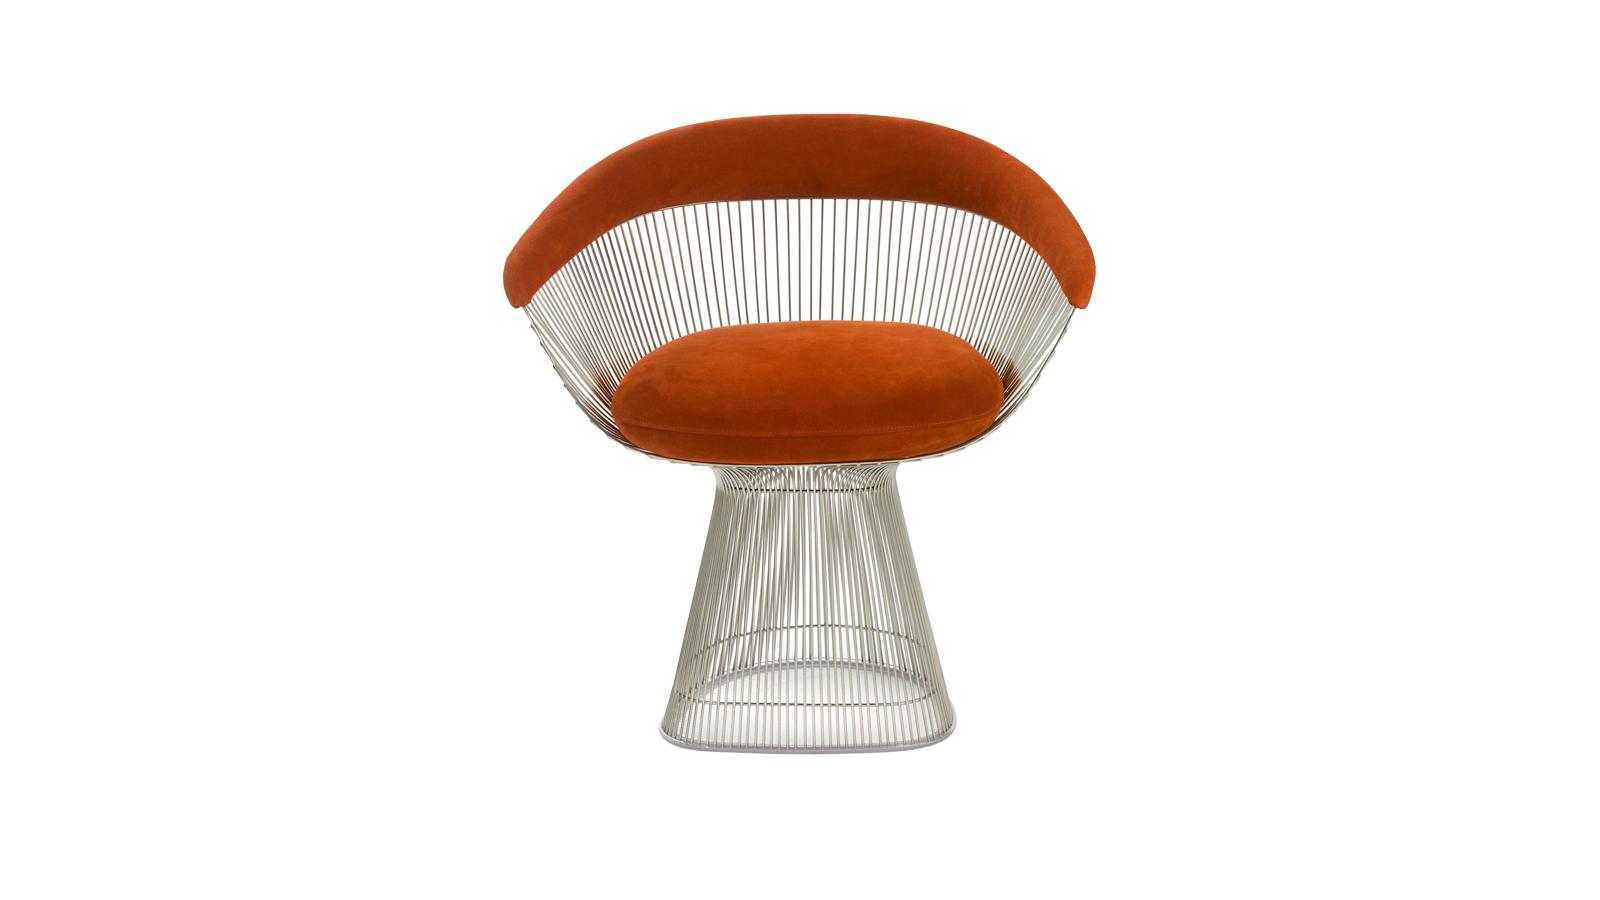 Már 1966-ban megörökítette a Platner kollekció azt a dekoratív, szelíd, kecses formavilágot, amely a modern designnak köszönhetően manapság is oly trendi. A korát megelező székek több száz ívelt acélrúdból állnak össze egy elegáns, finom kompozícióvá. A szépség és kényelem testesül meg a Platner székekben, melyeket egyértelműen használatra találtak ki.